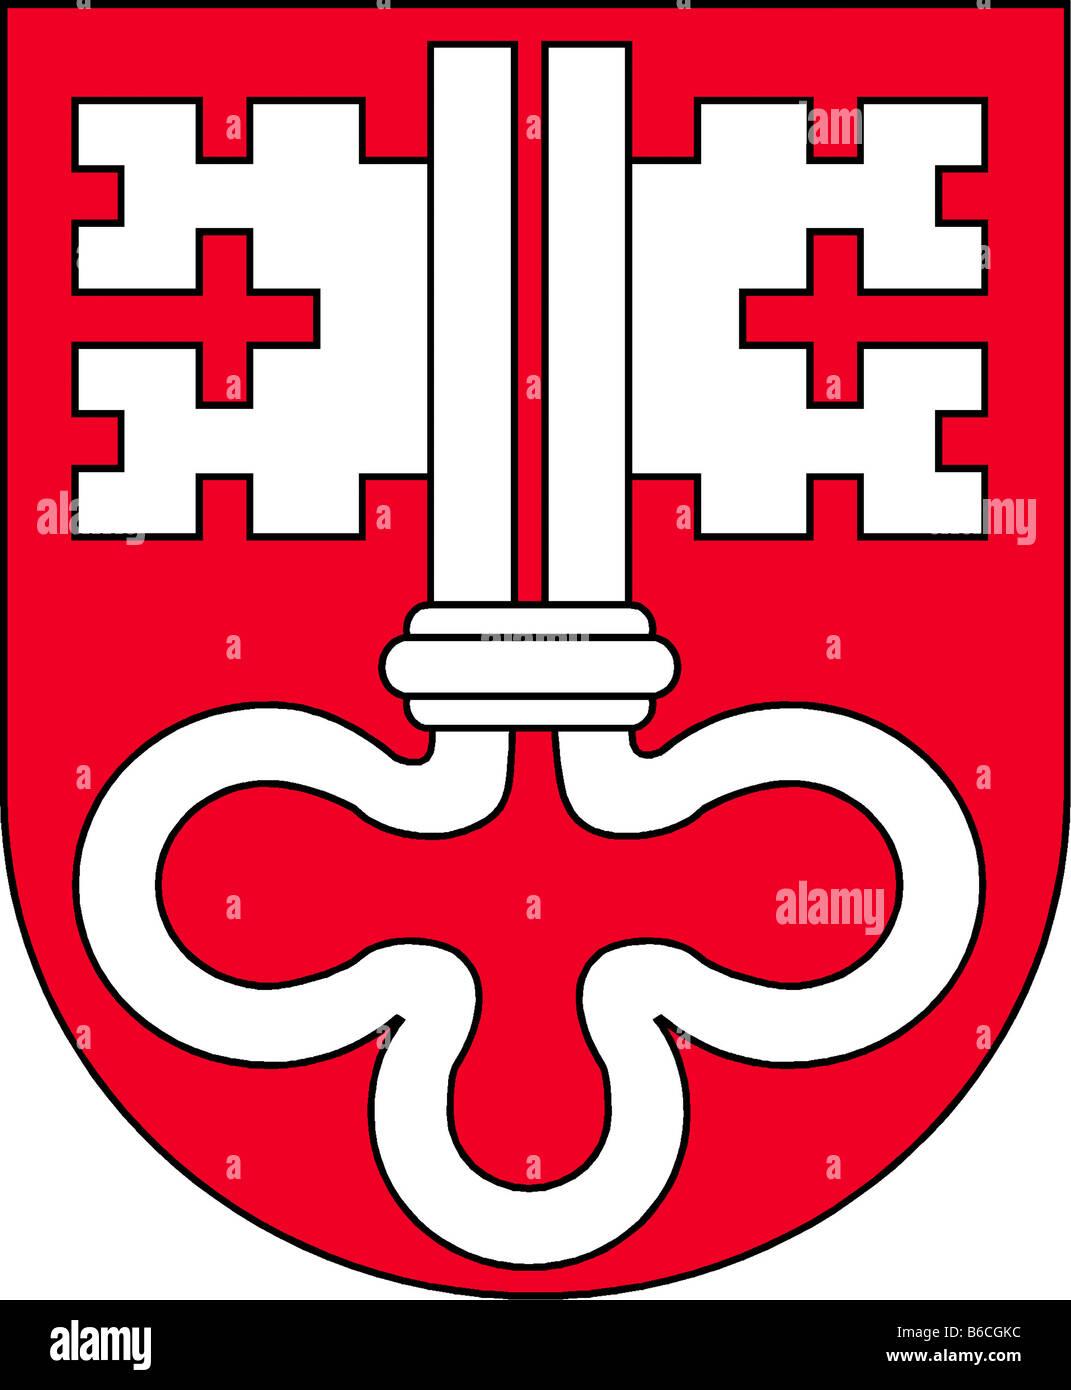 Abbildung Flagge des Kantons Nidwalden Schweiz Stockbild